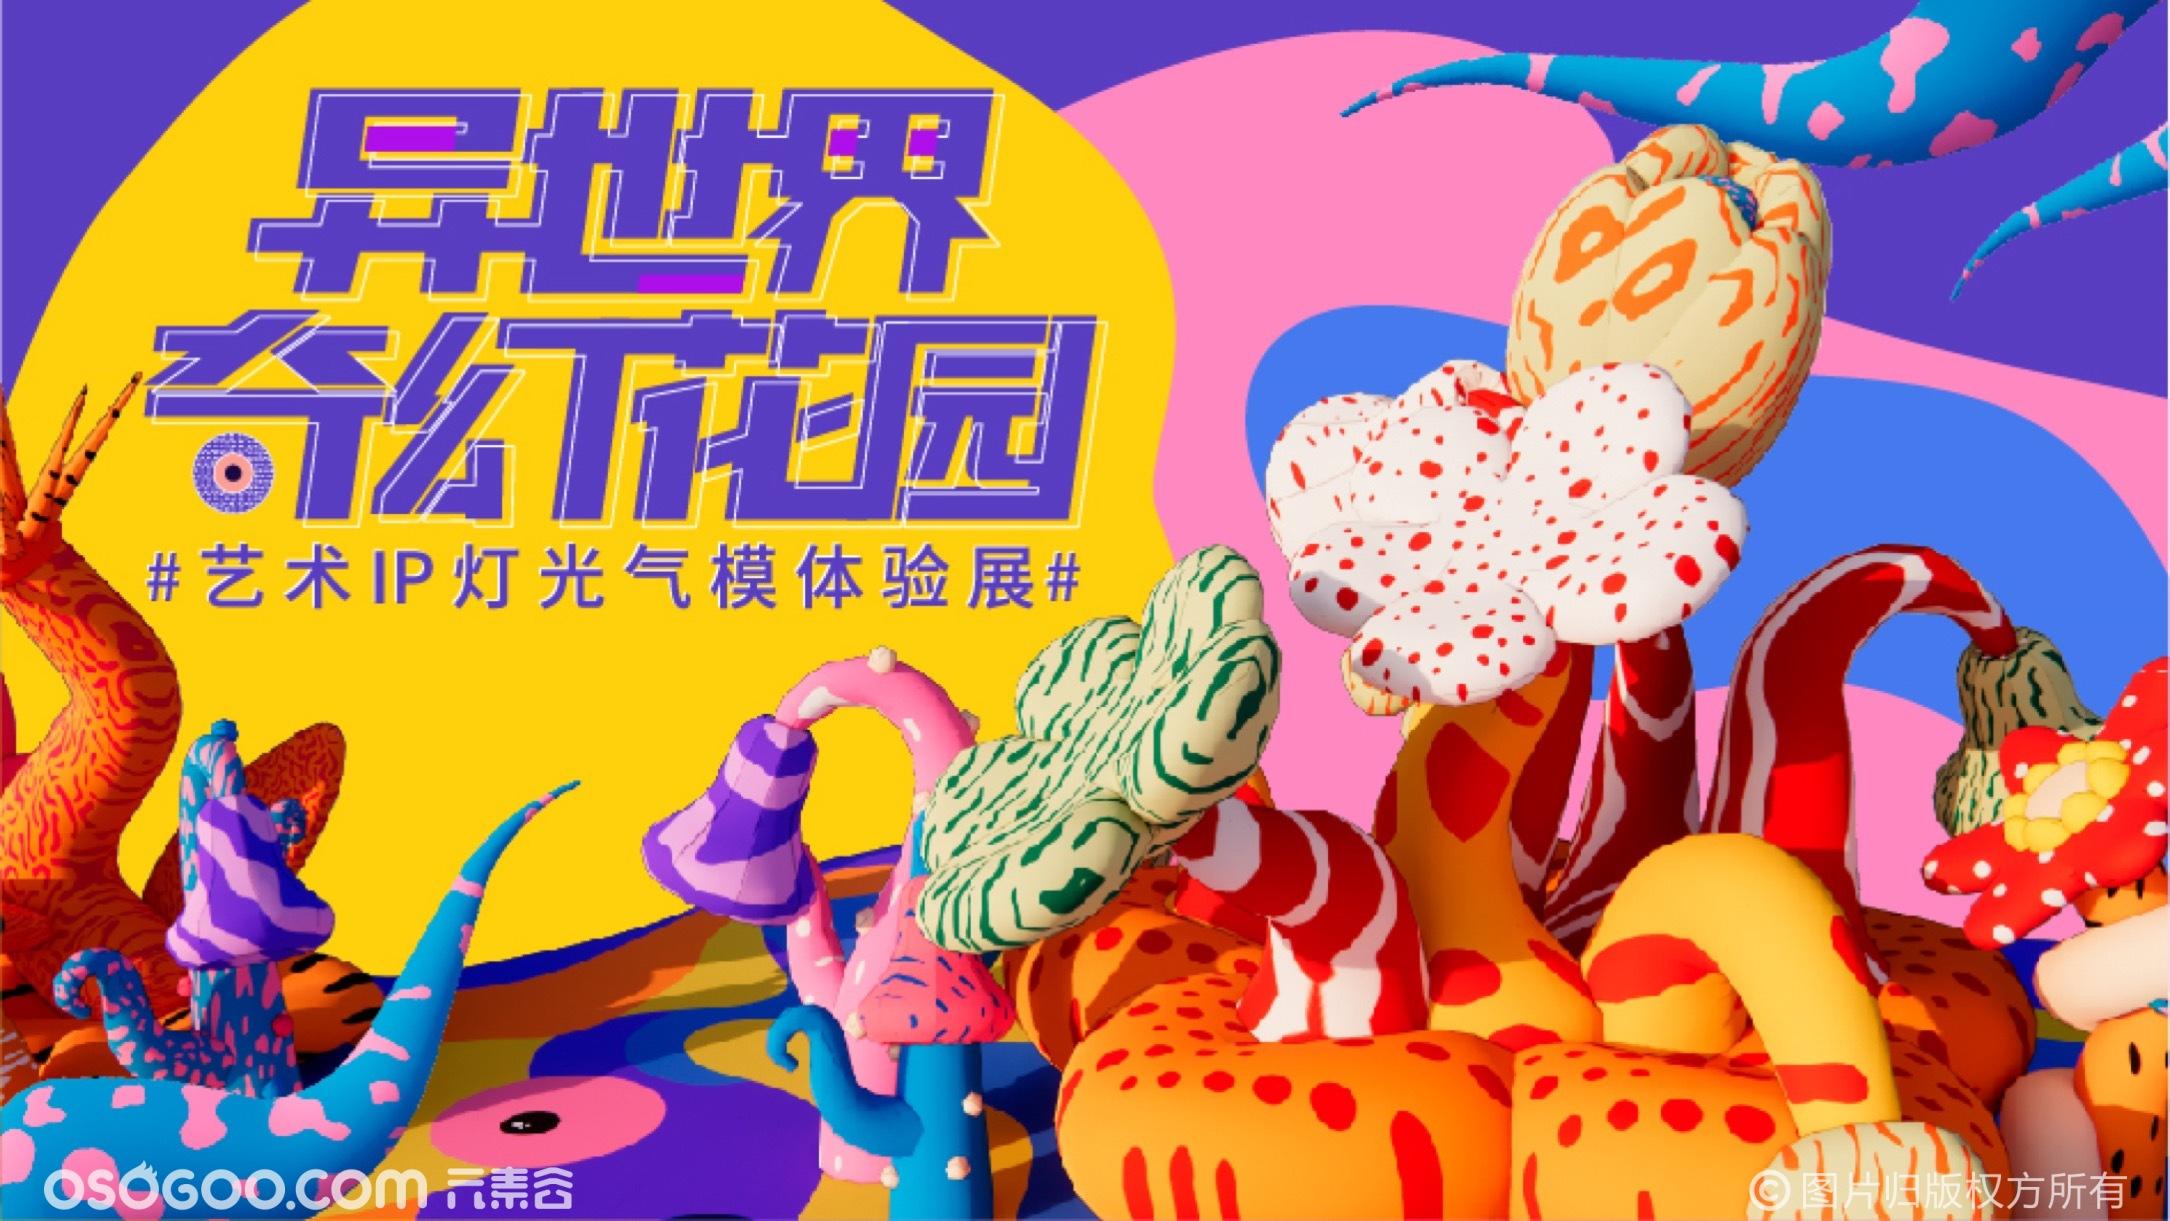 【异世界奇幻花园】艺术IP灯光气模体验展-感映艺术出品